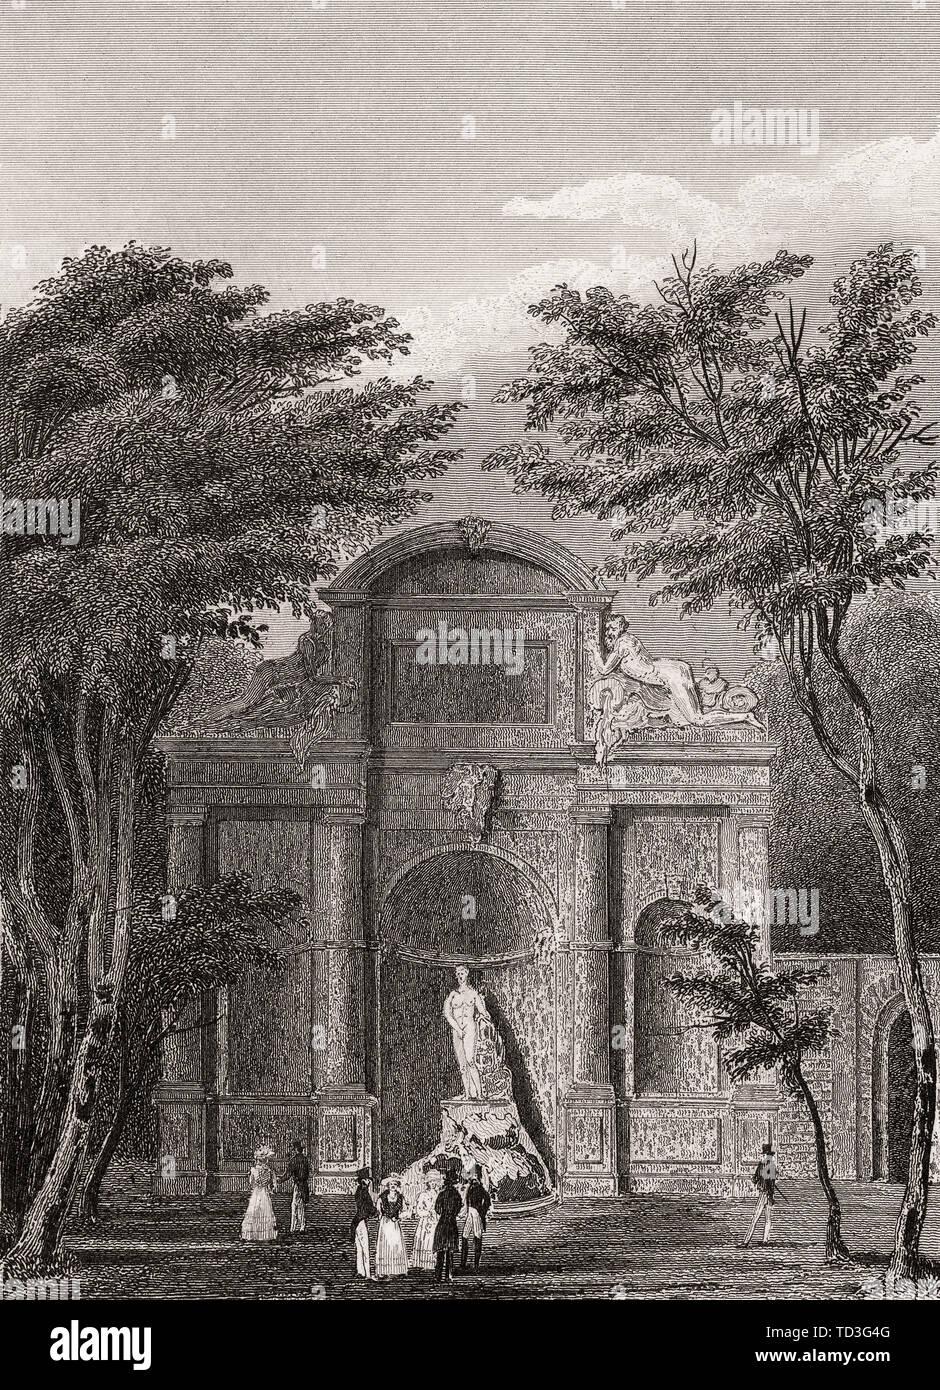 Parc de Saint-Cloud, near Paris, antique steel engraved print, 1831 - Stock Image